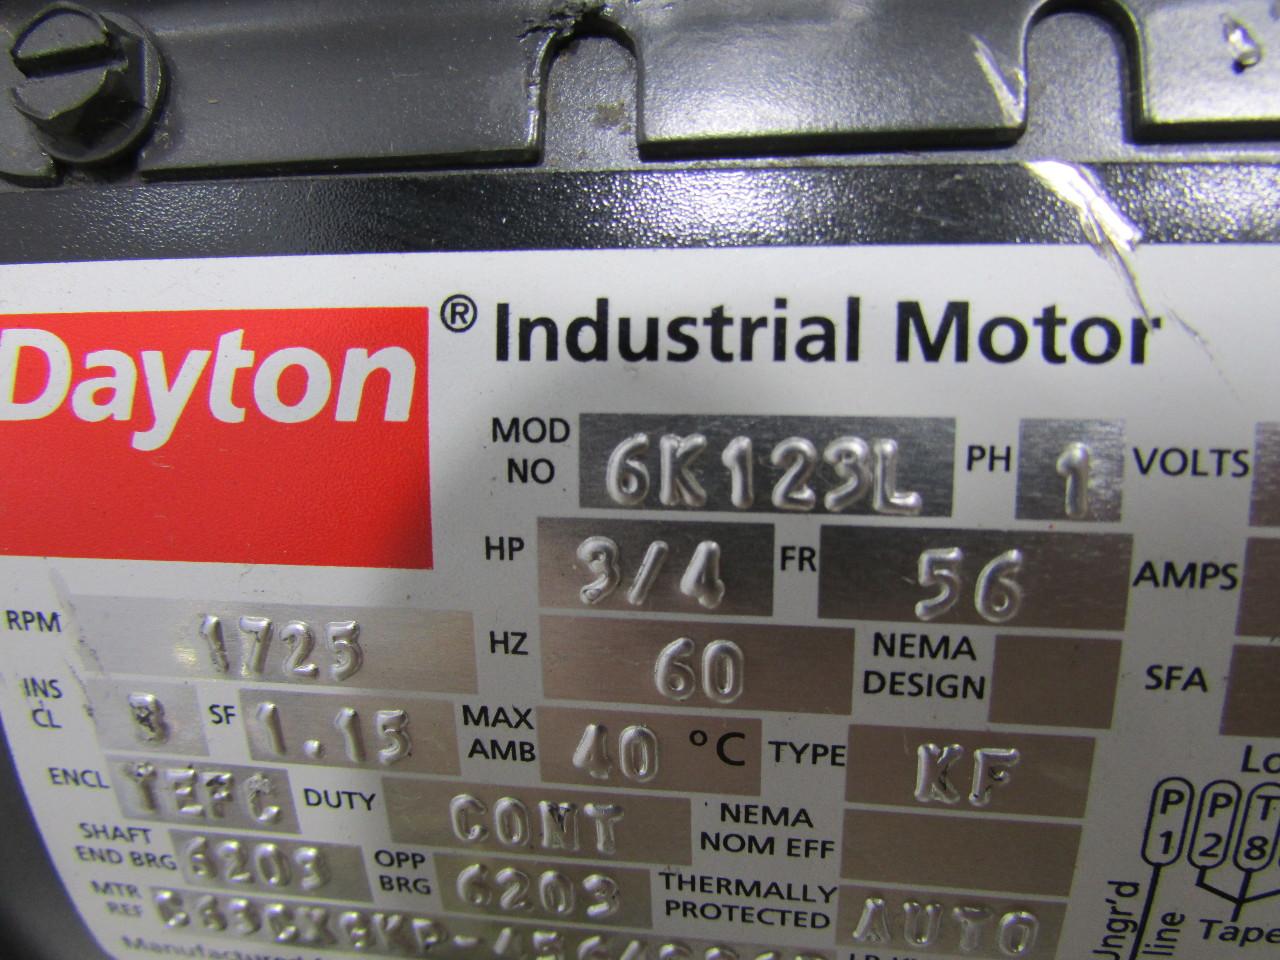 Gast Vacuum Pumps Wiring Diagram Auto Electrical Motor Siemens